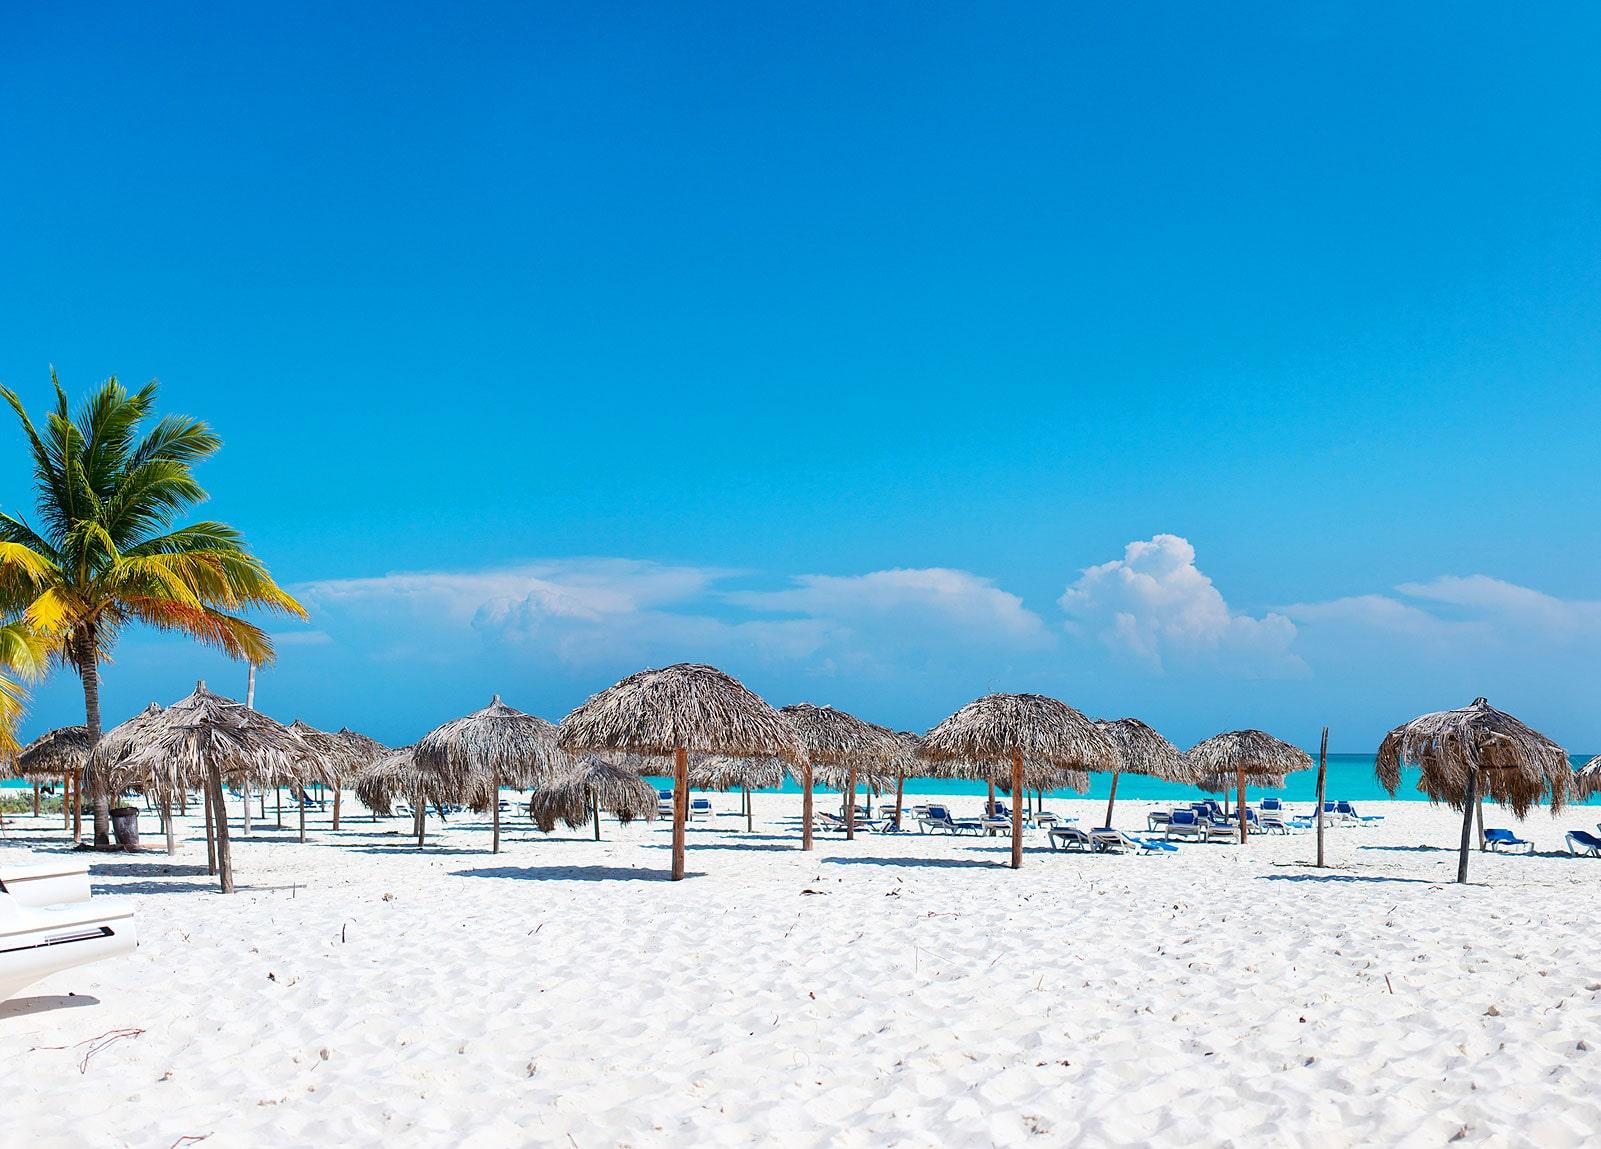 4.Playa Paraiso